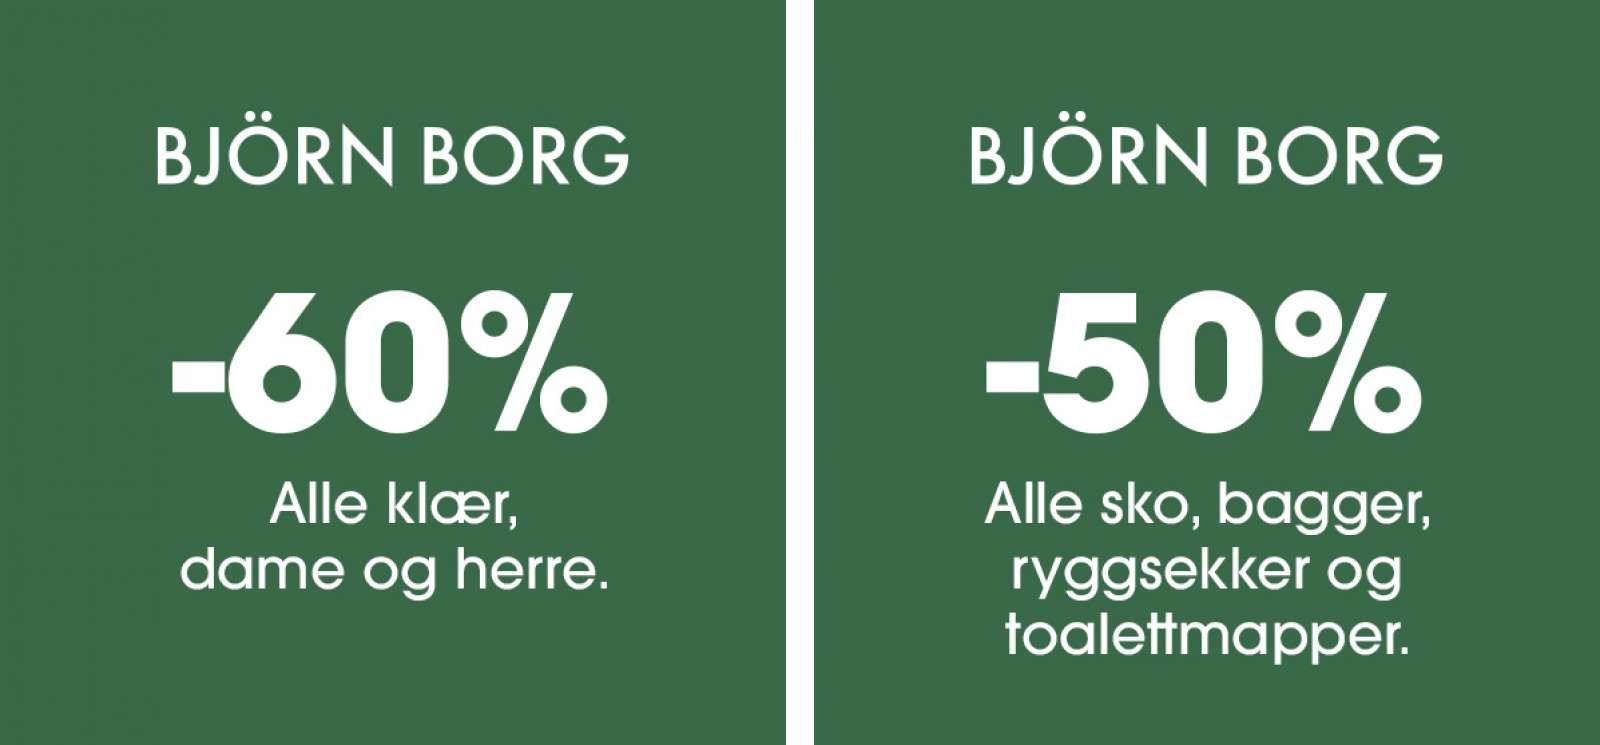 Bjørn Borg